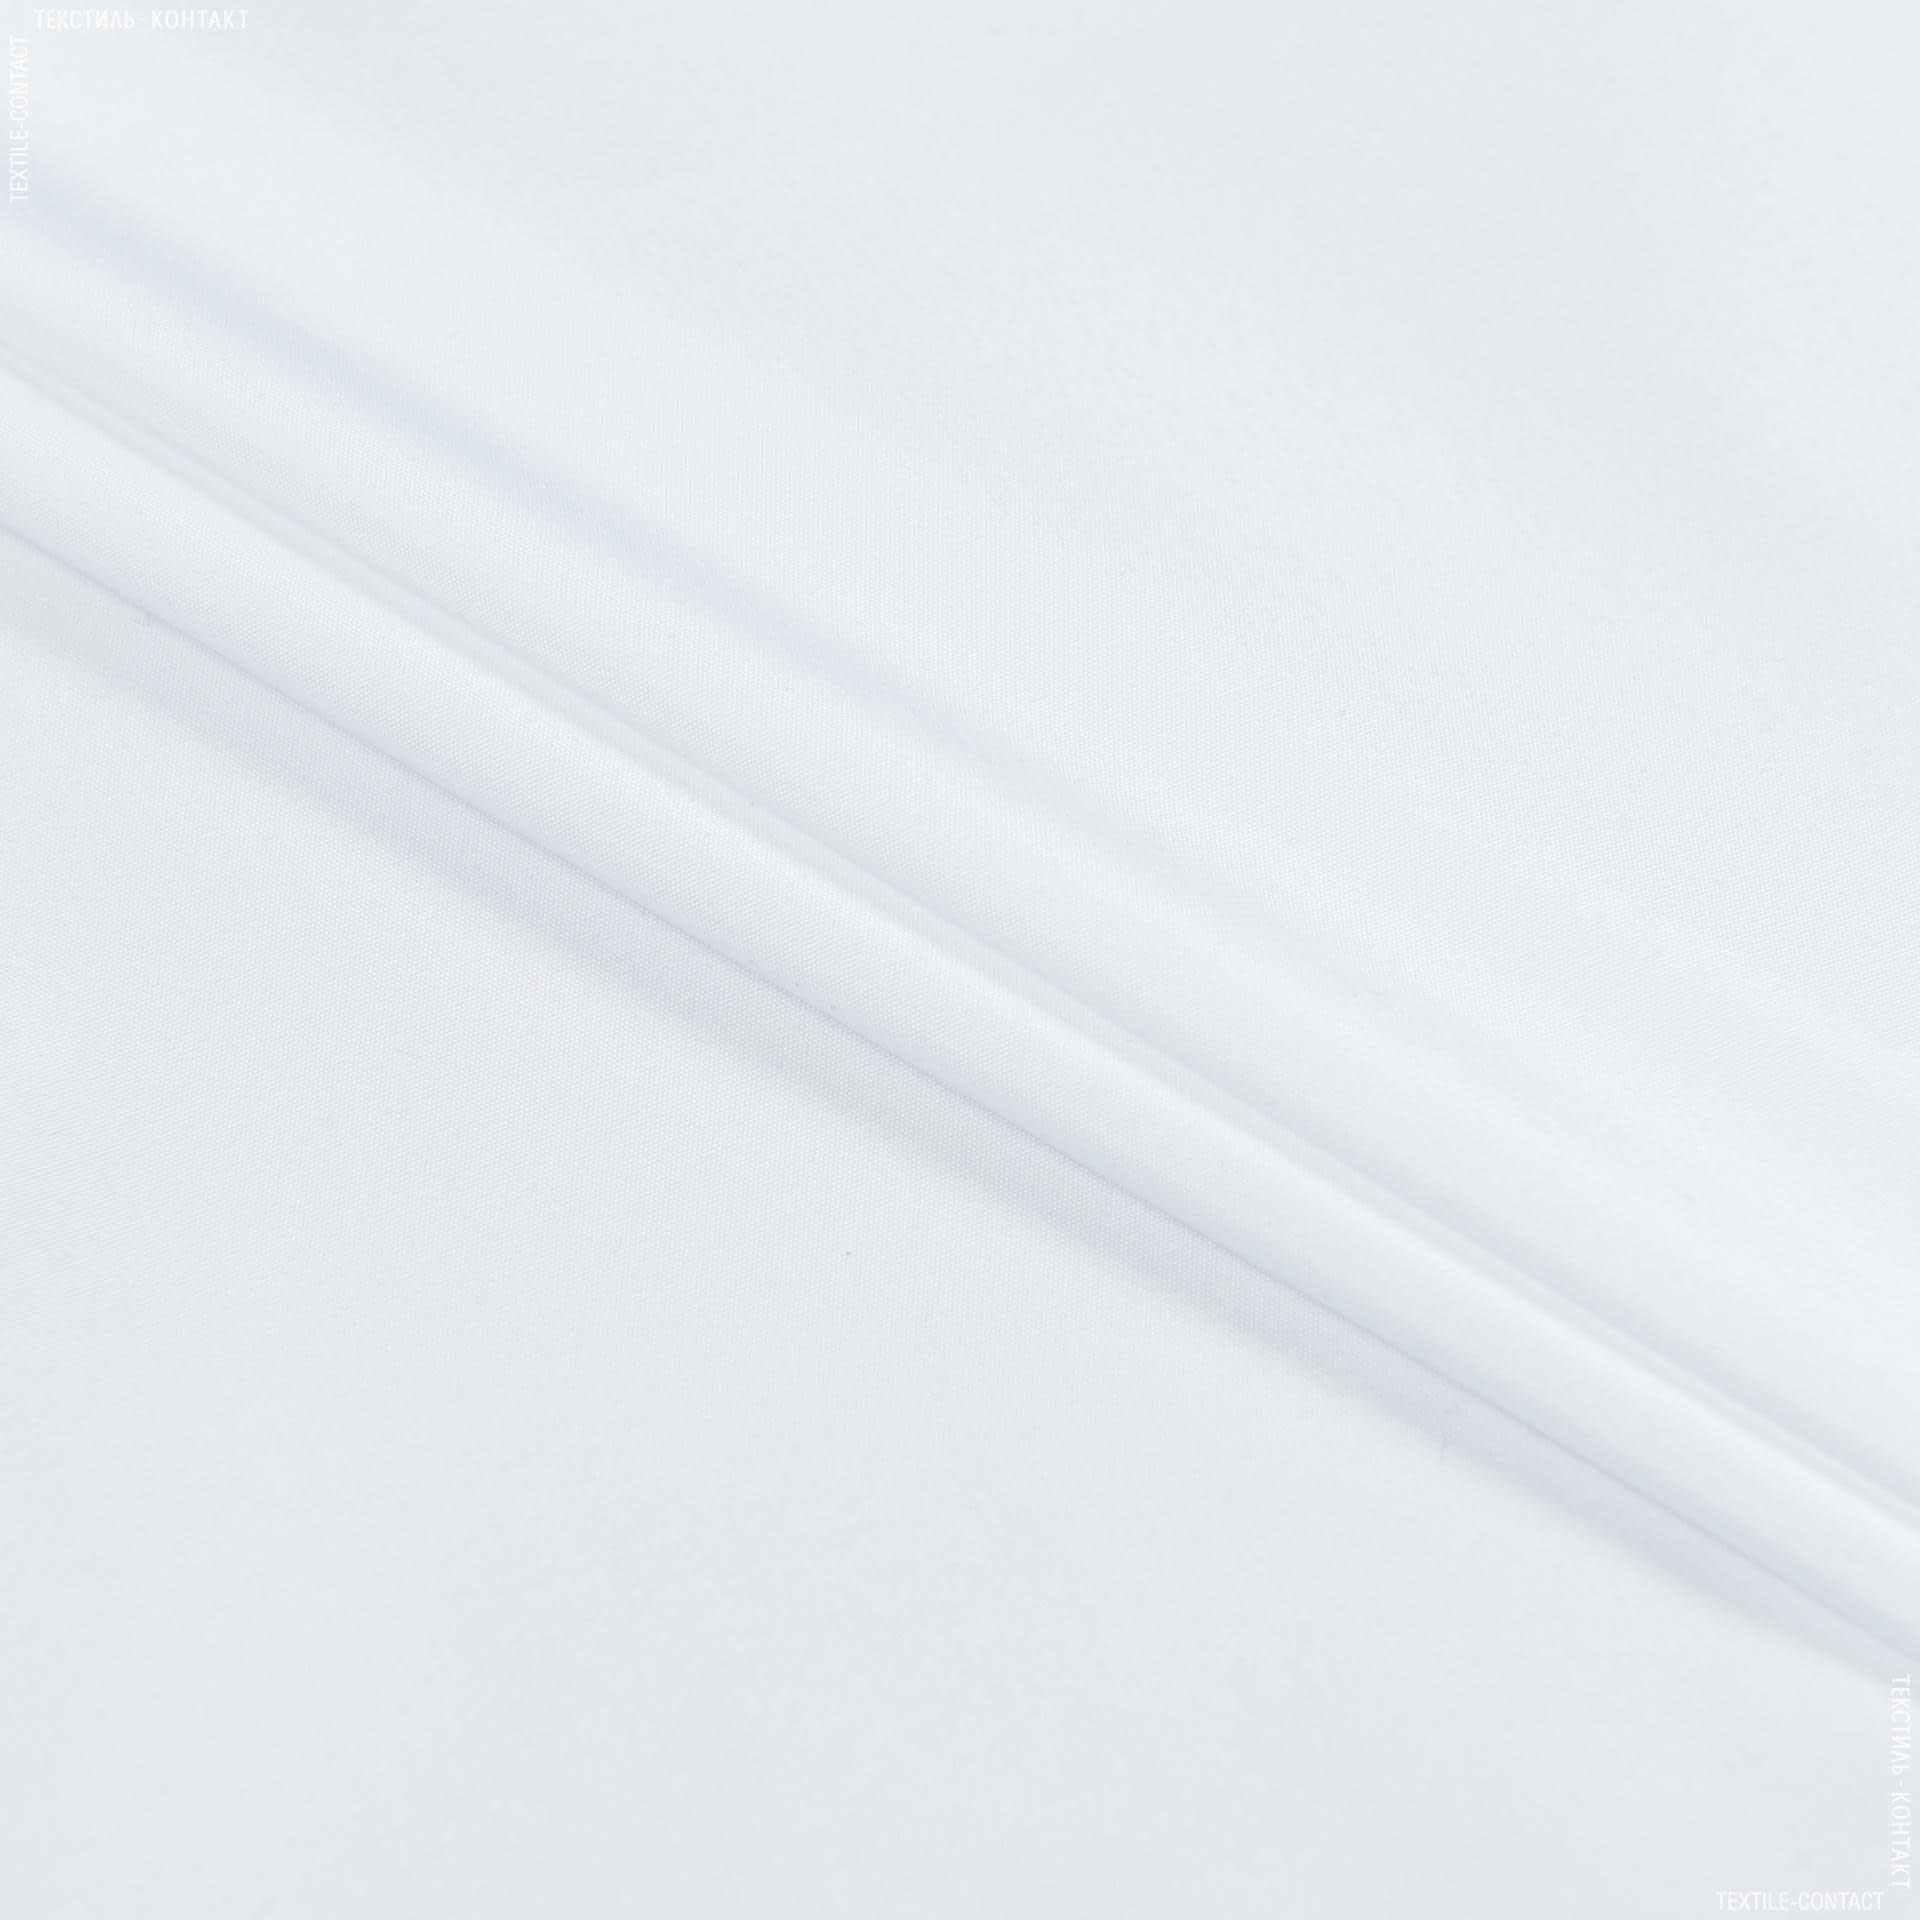 Тканини для спортивного одягу - Плащова фортуна білий